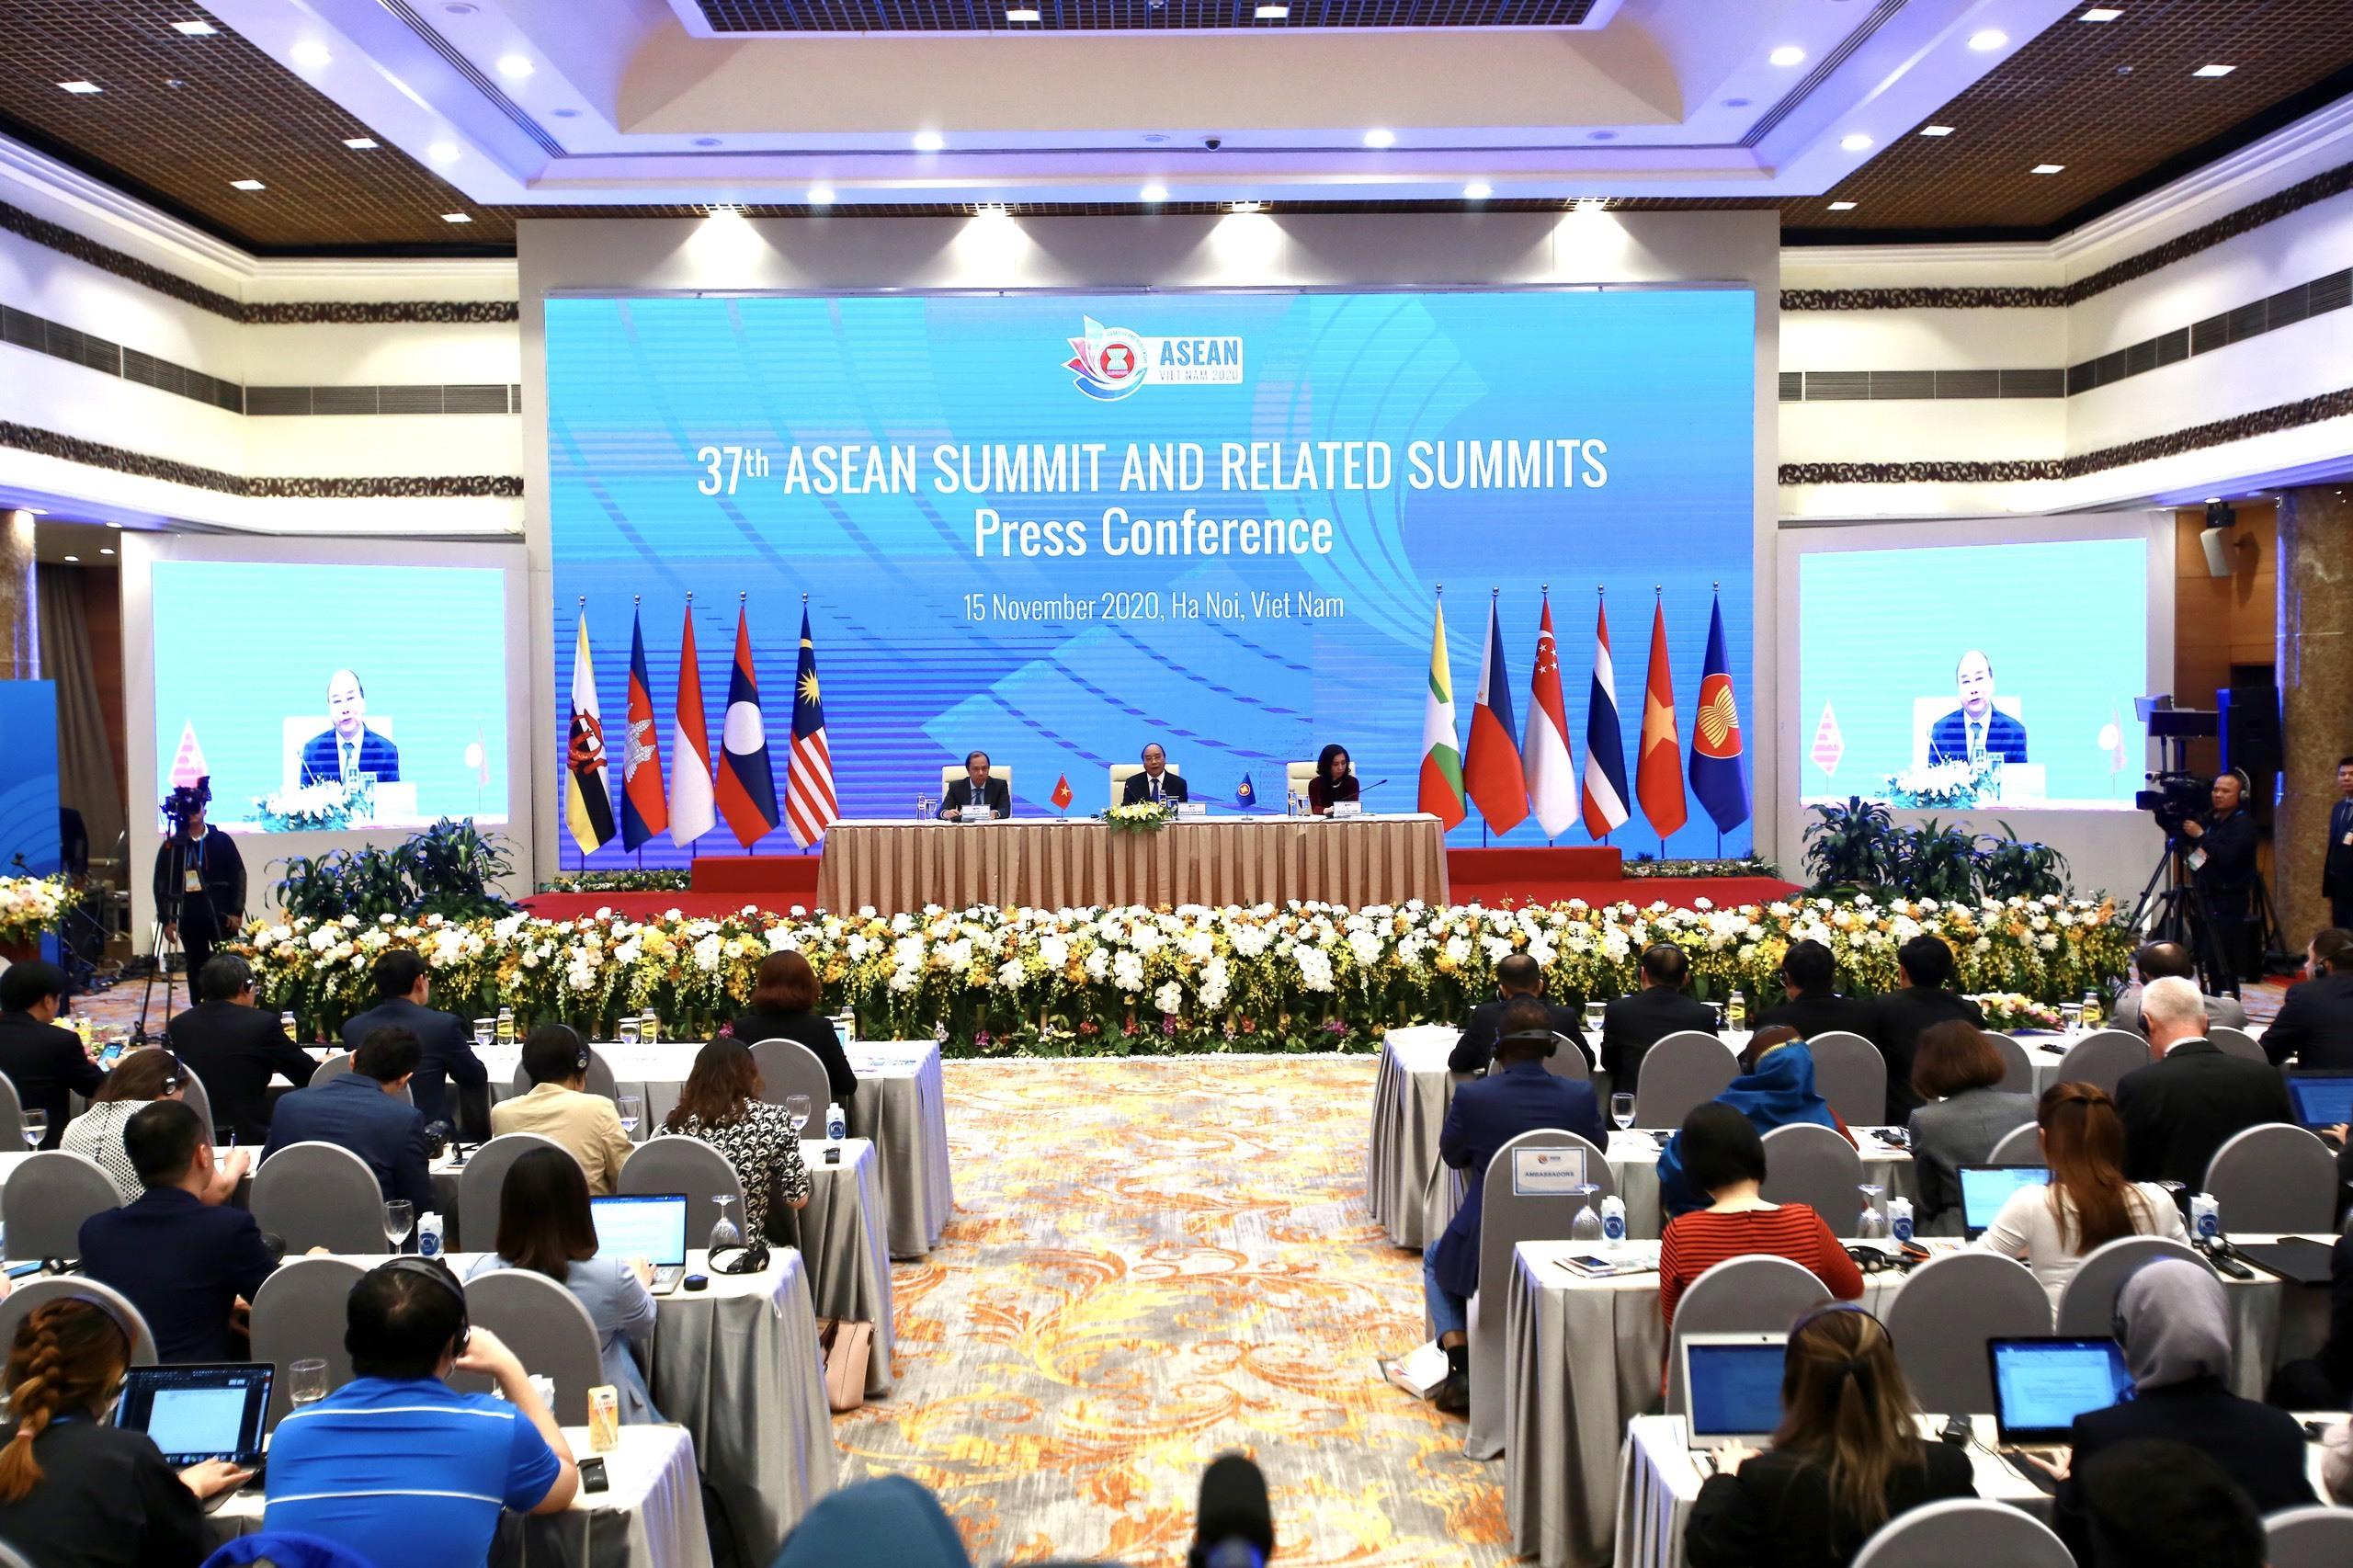 Thủ tướng: Tổng thống Mỹ là ai, Việt Nam vẫn là người bạn có quan hệ tốt đẹp